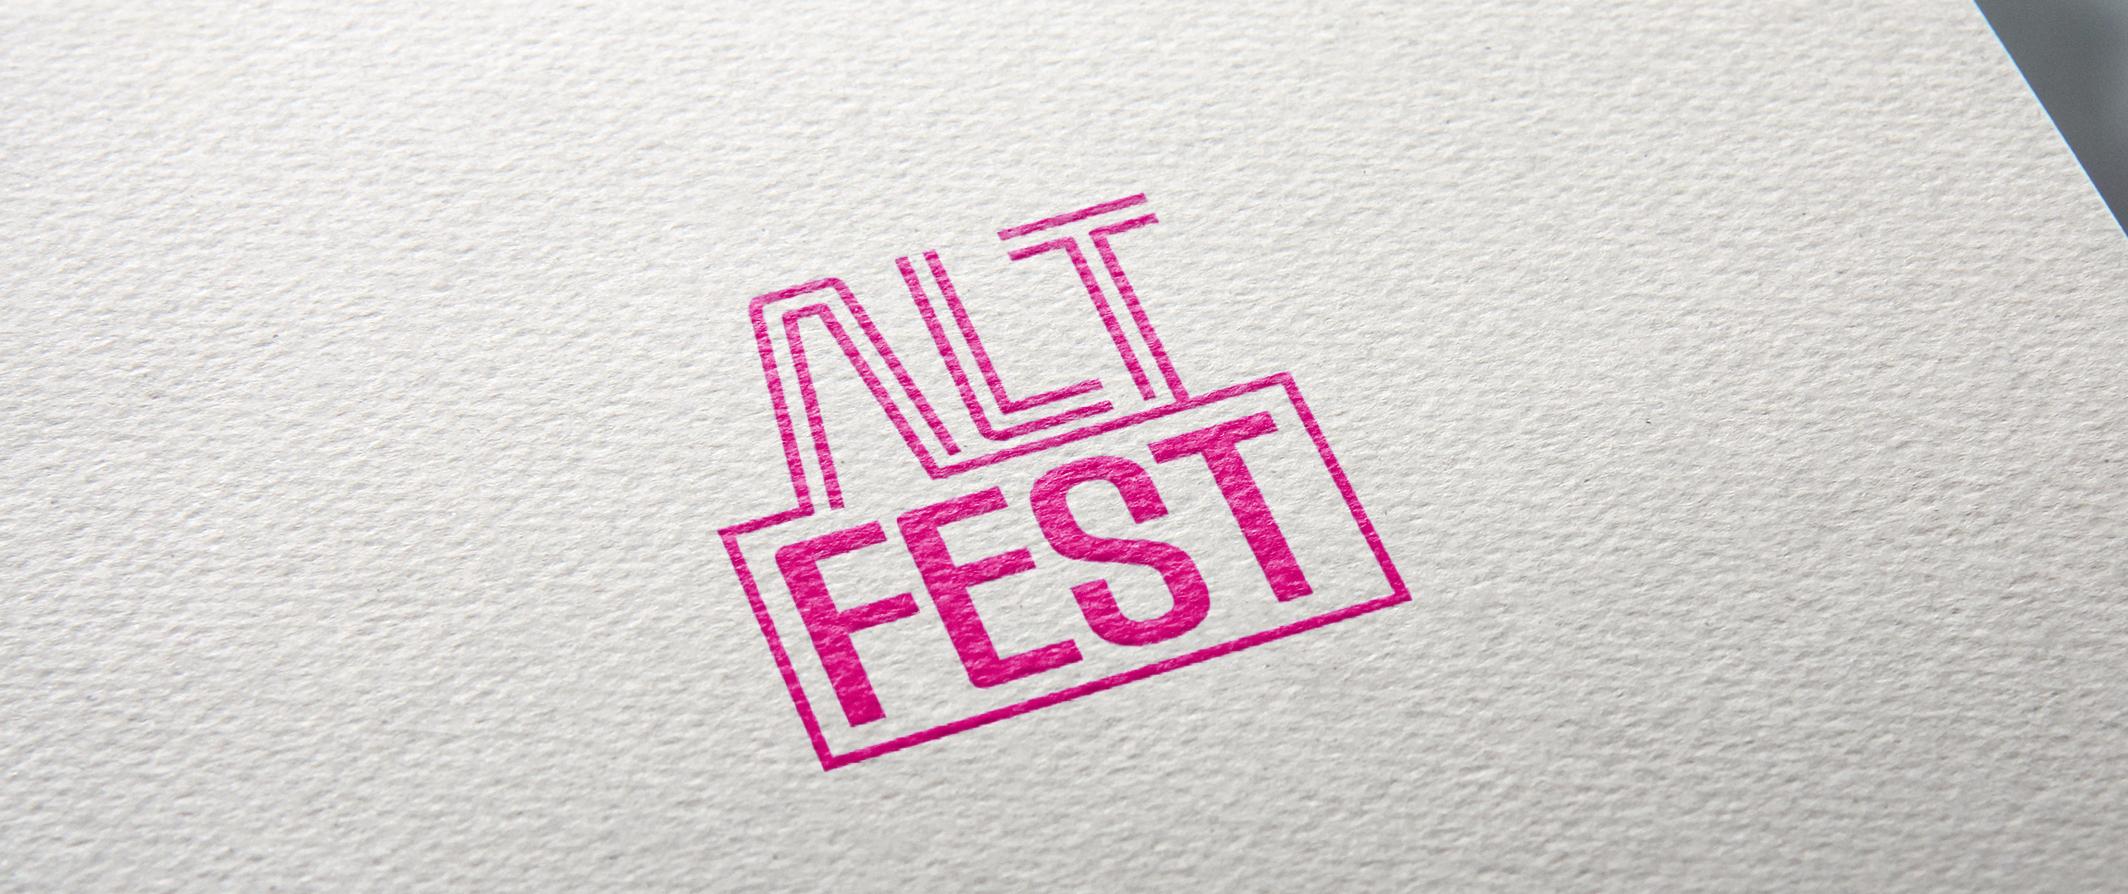 Altfest_logo-banner